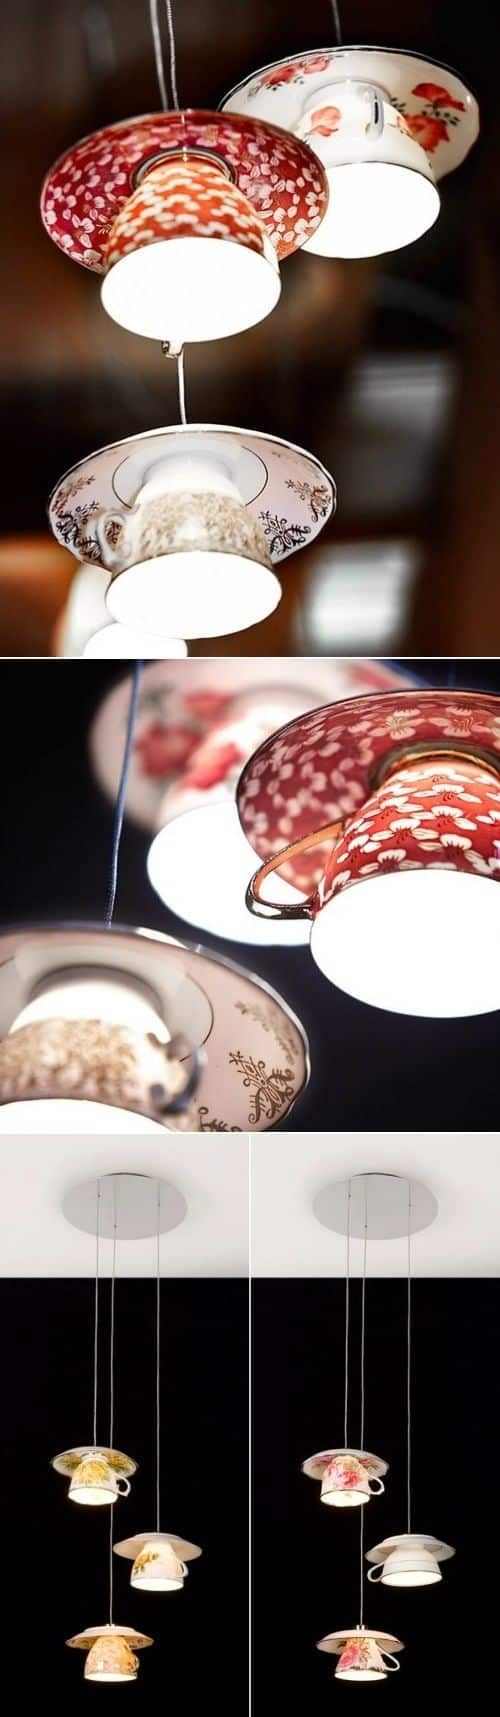 DIY-Lamp-007